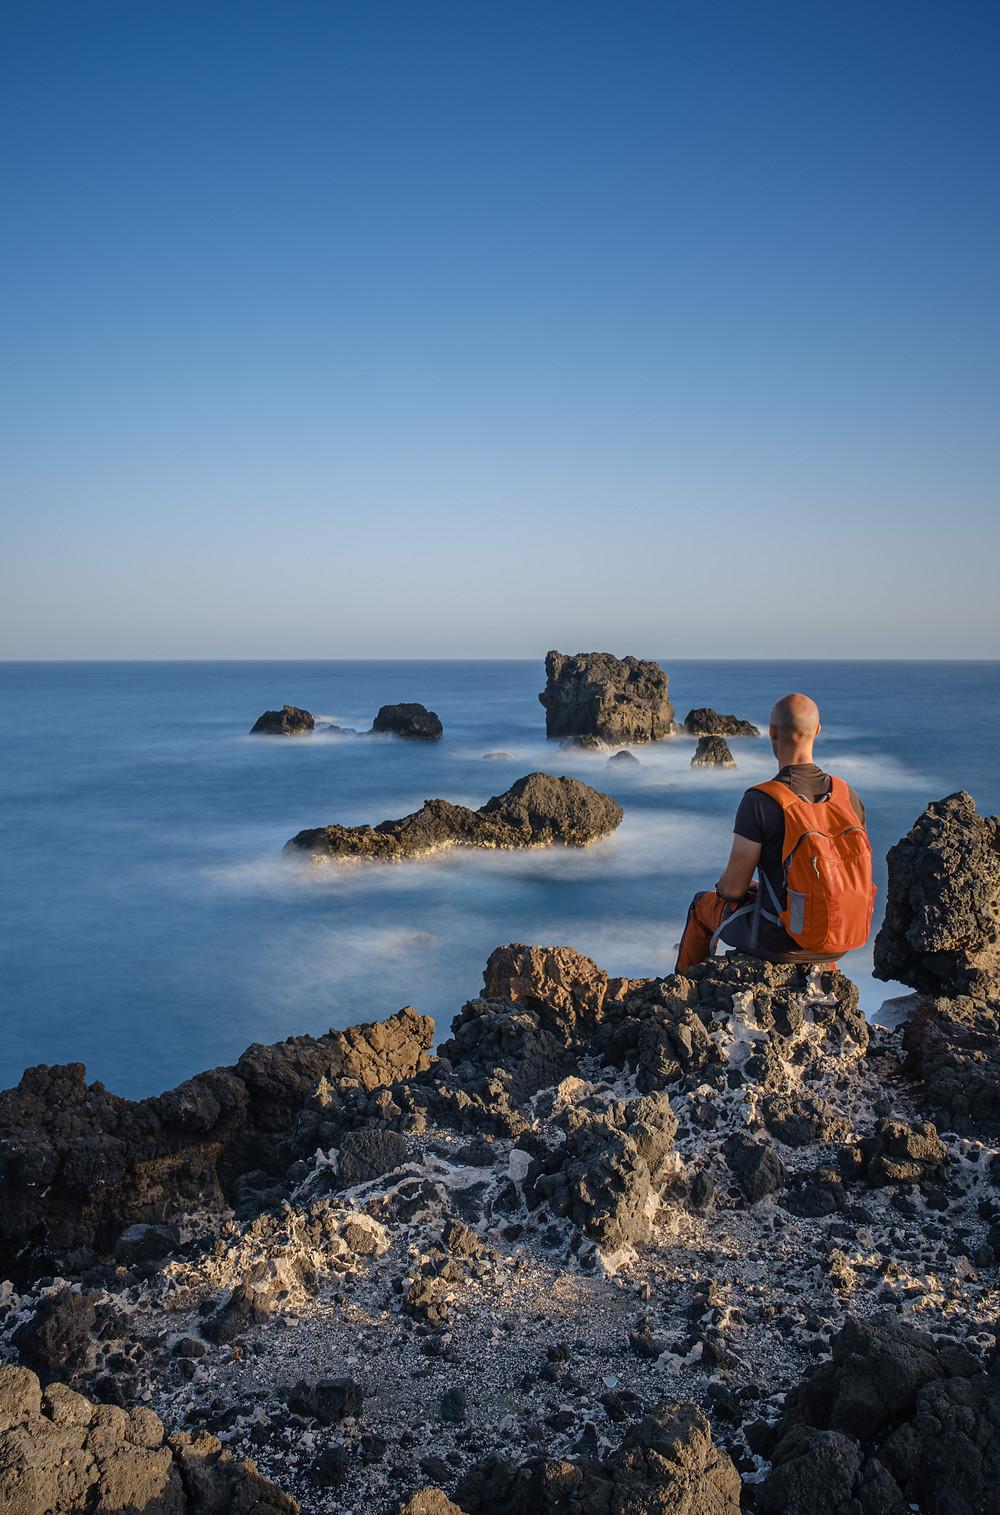 Autorretrato larga exposición en El Roque, Punta de Arucas, costa del norte de Gran Canaria